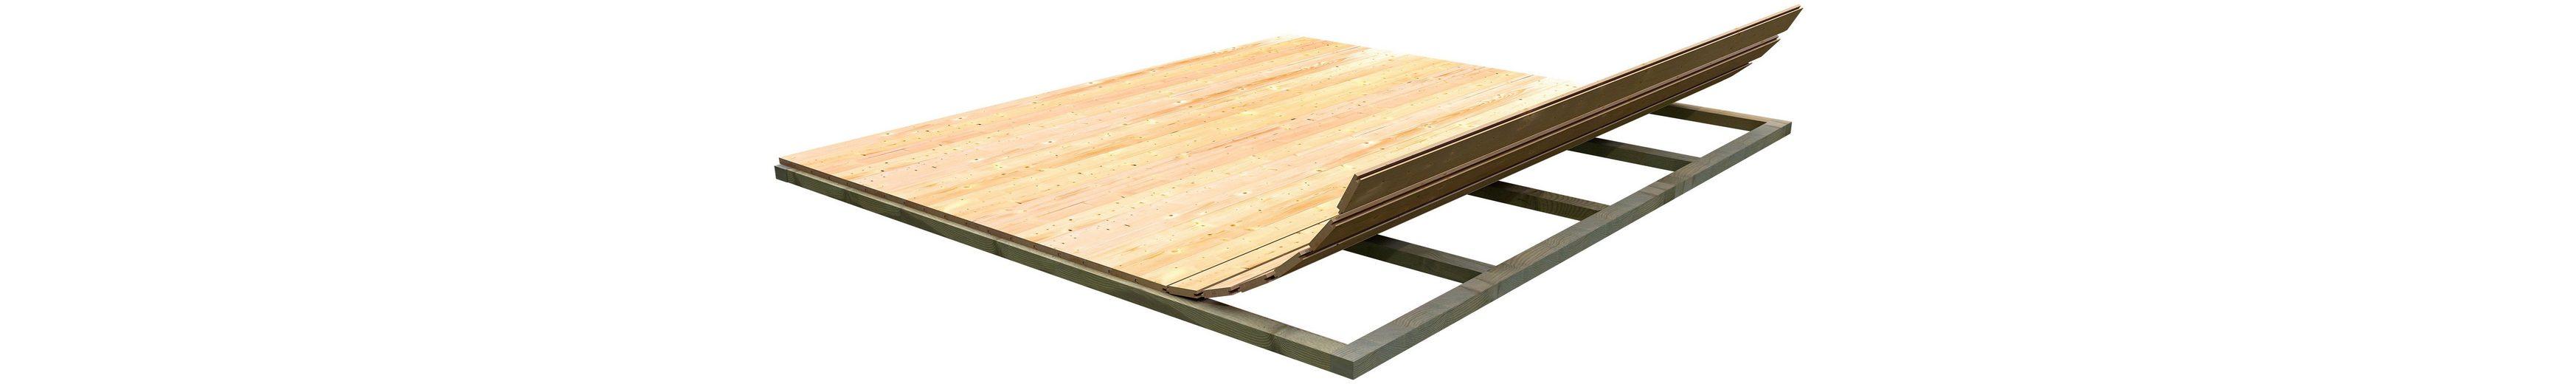 Fußboden für Gartenhäuser, BxT: 220x220 cm